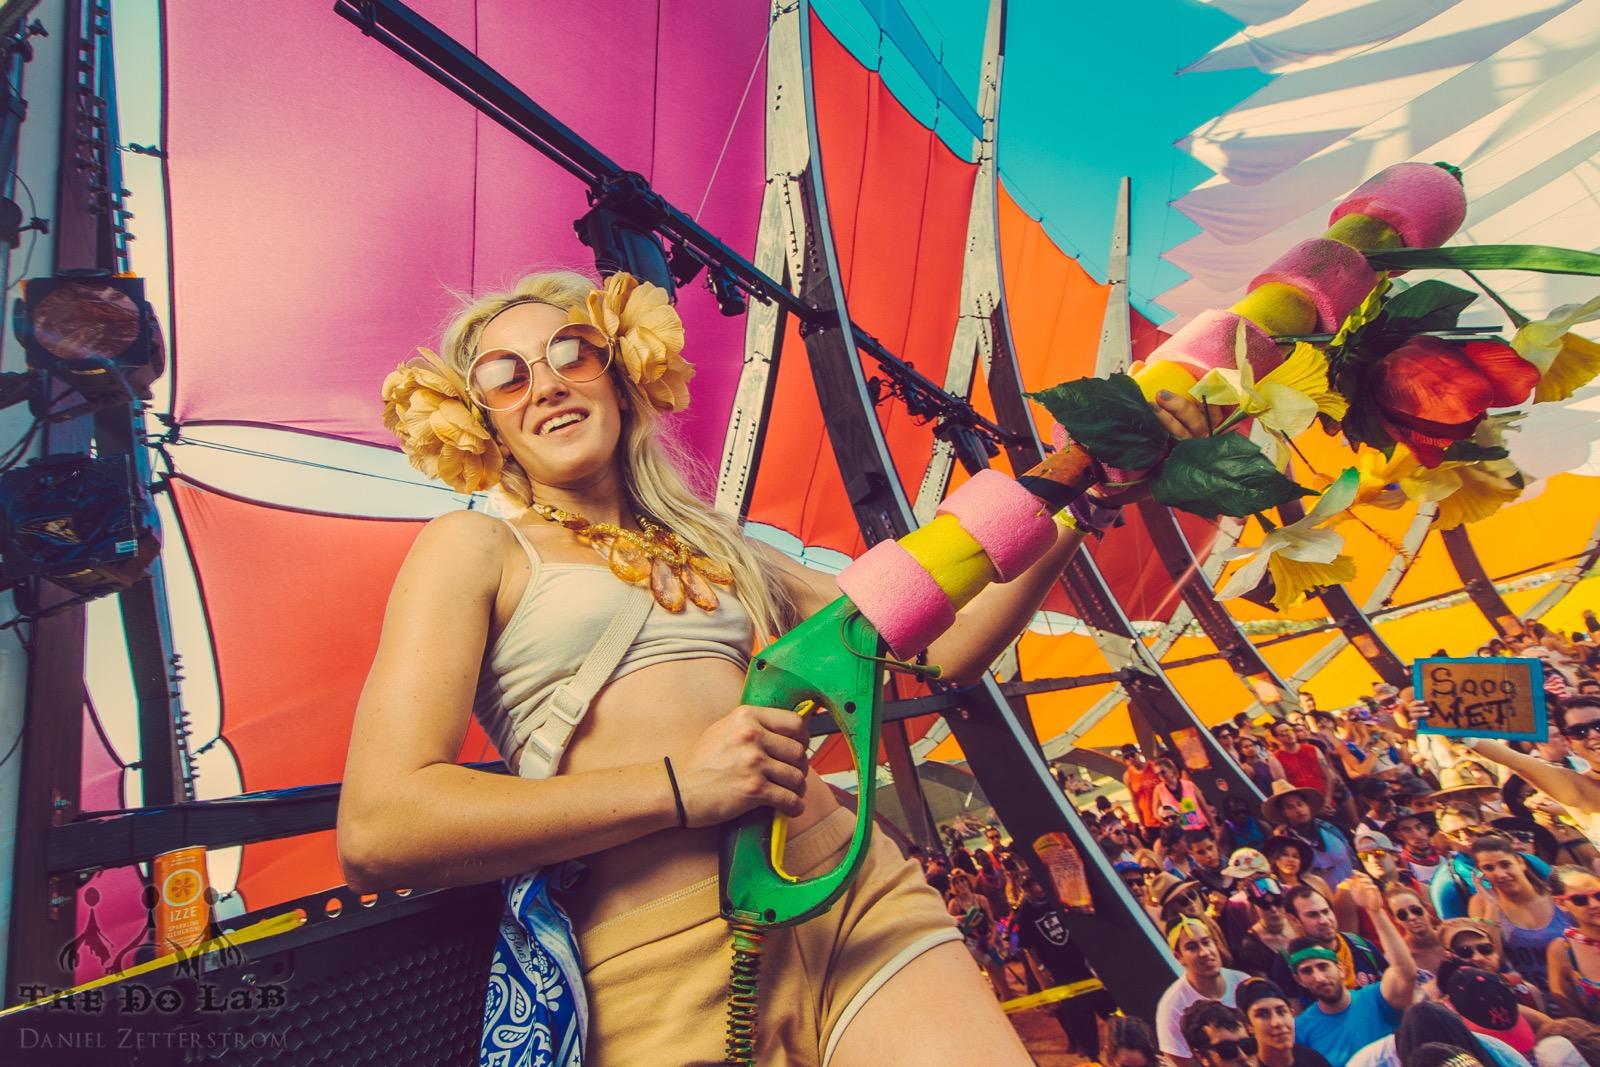 Coachella 2015 Daniel Zetterstrom   14